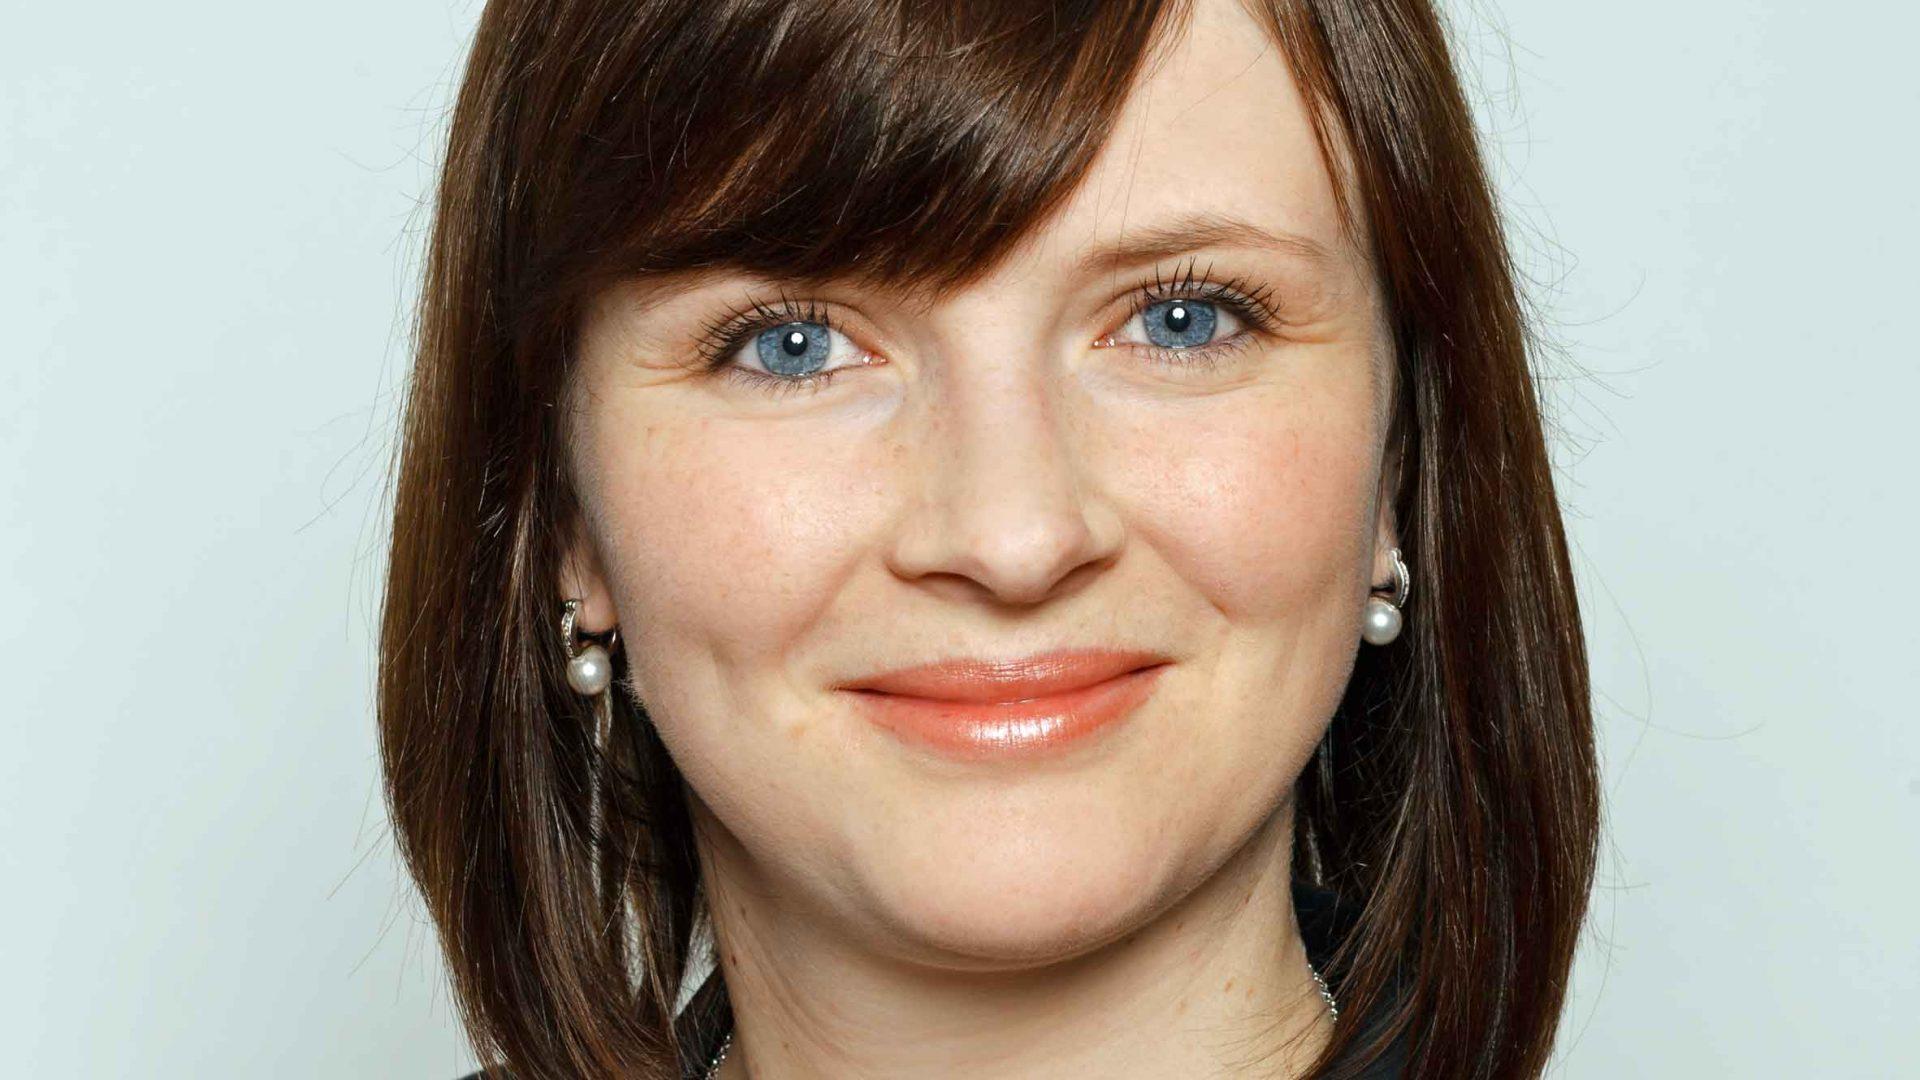 Annika Popp ist seit 1. Mai 2014 Bürgermeisterin des bayrischen Ortes Leupoldsgrün. (Bild: ZVG)